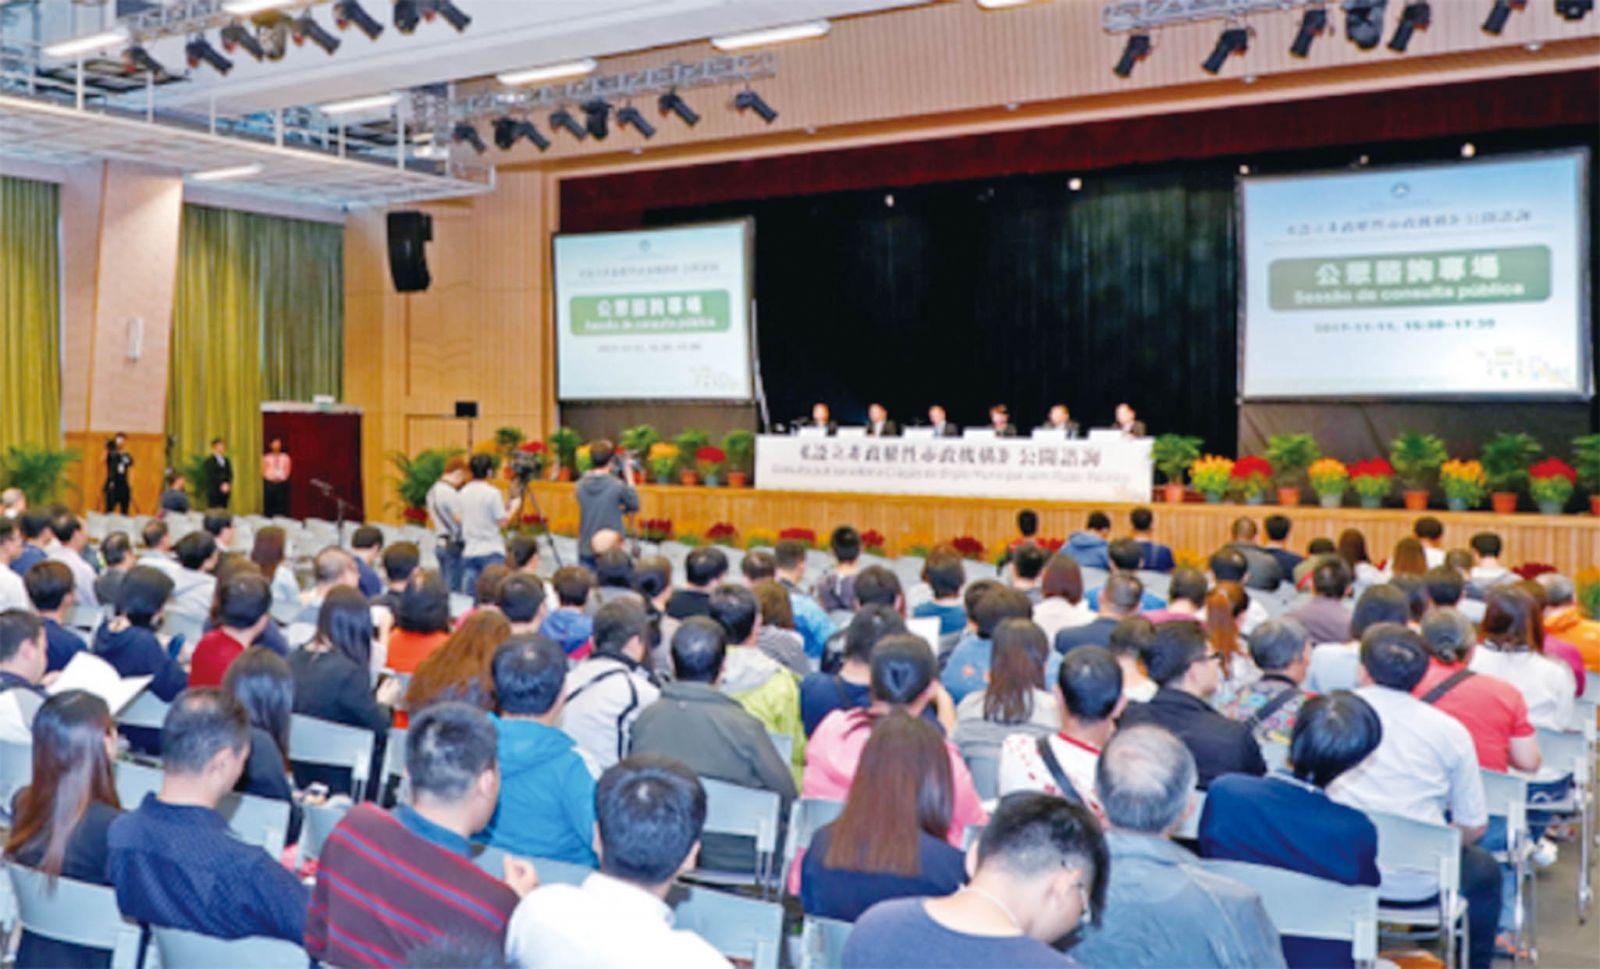 高炳坤:諮委選舉產生違《基本法》